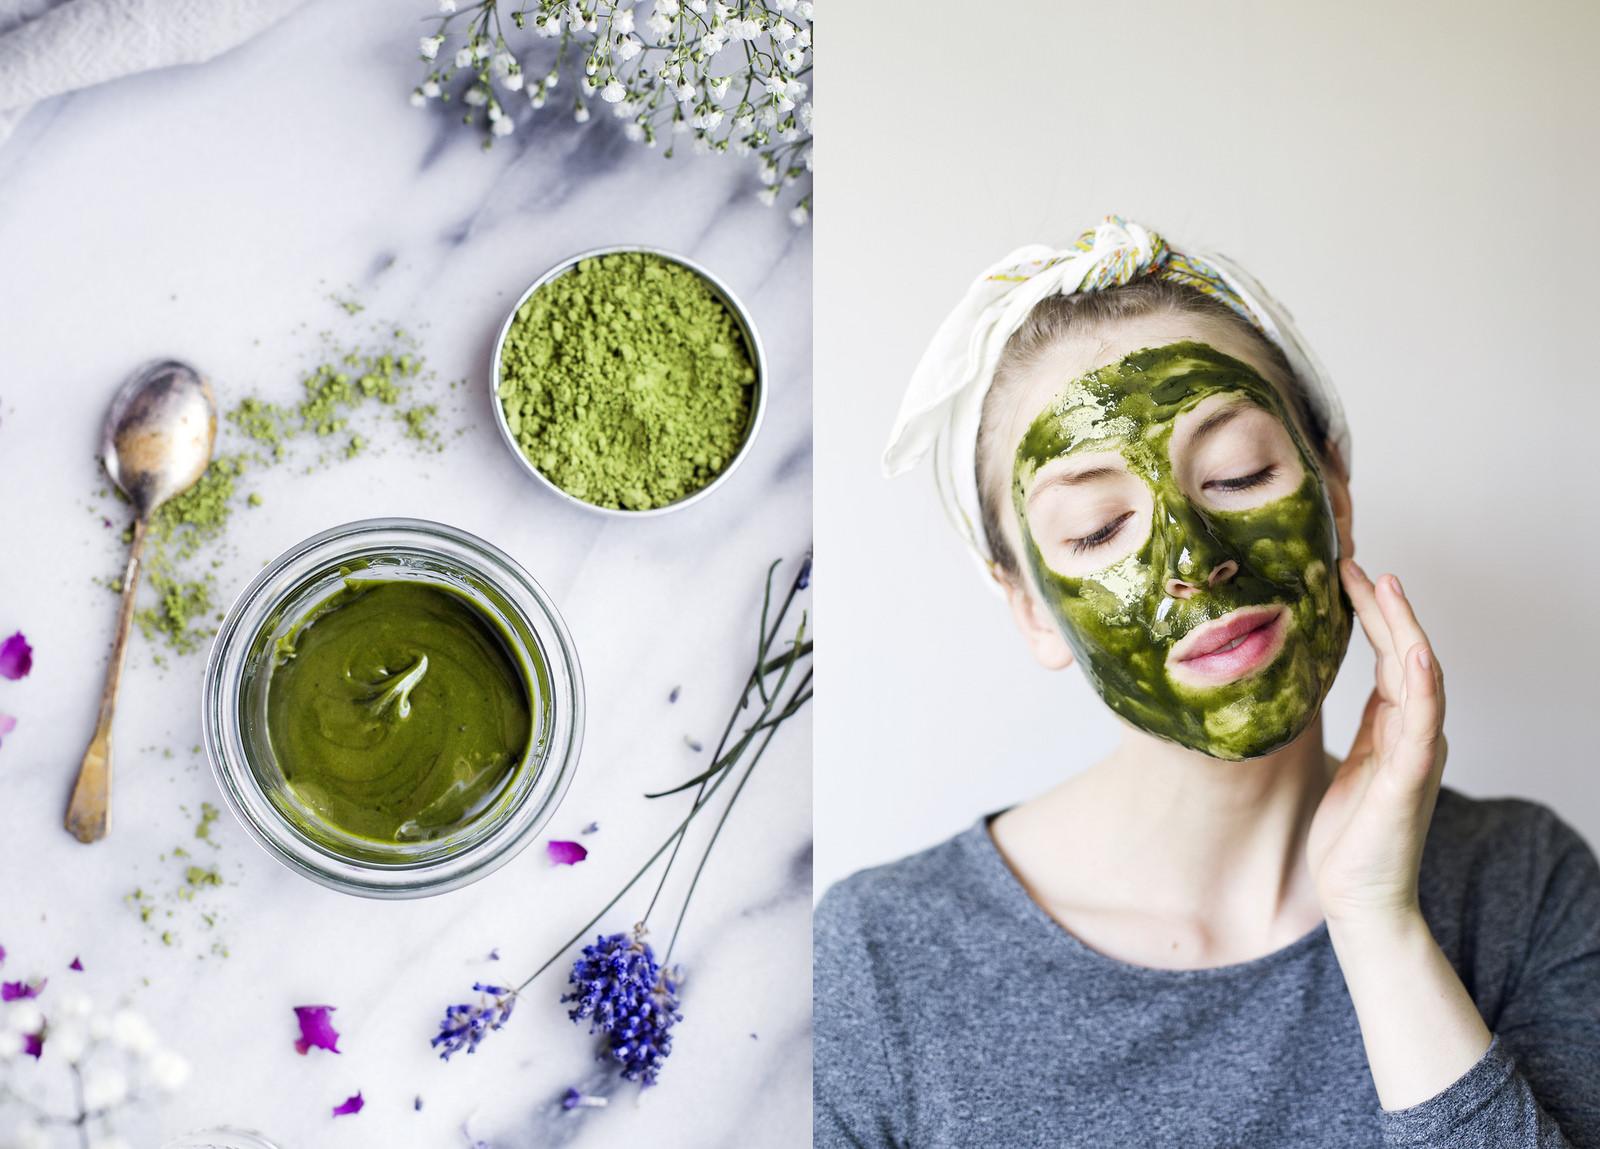 chăm sóc da mặt bằng bộ trà xanh là lựa chọn vô cùng thông minh